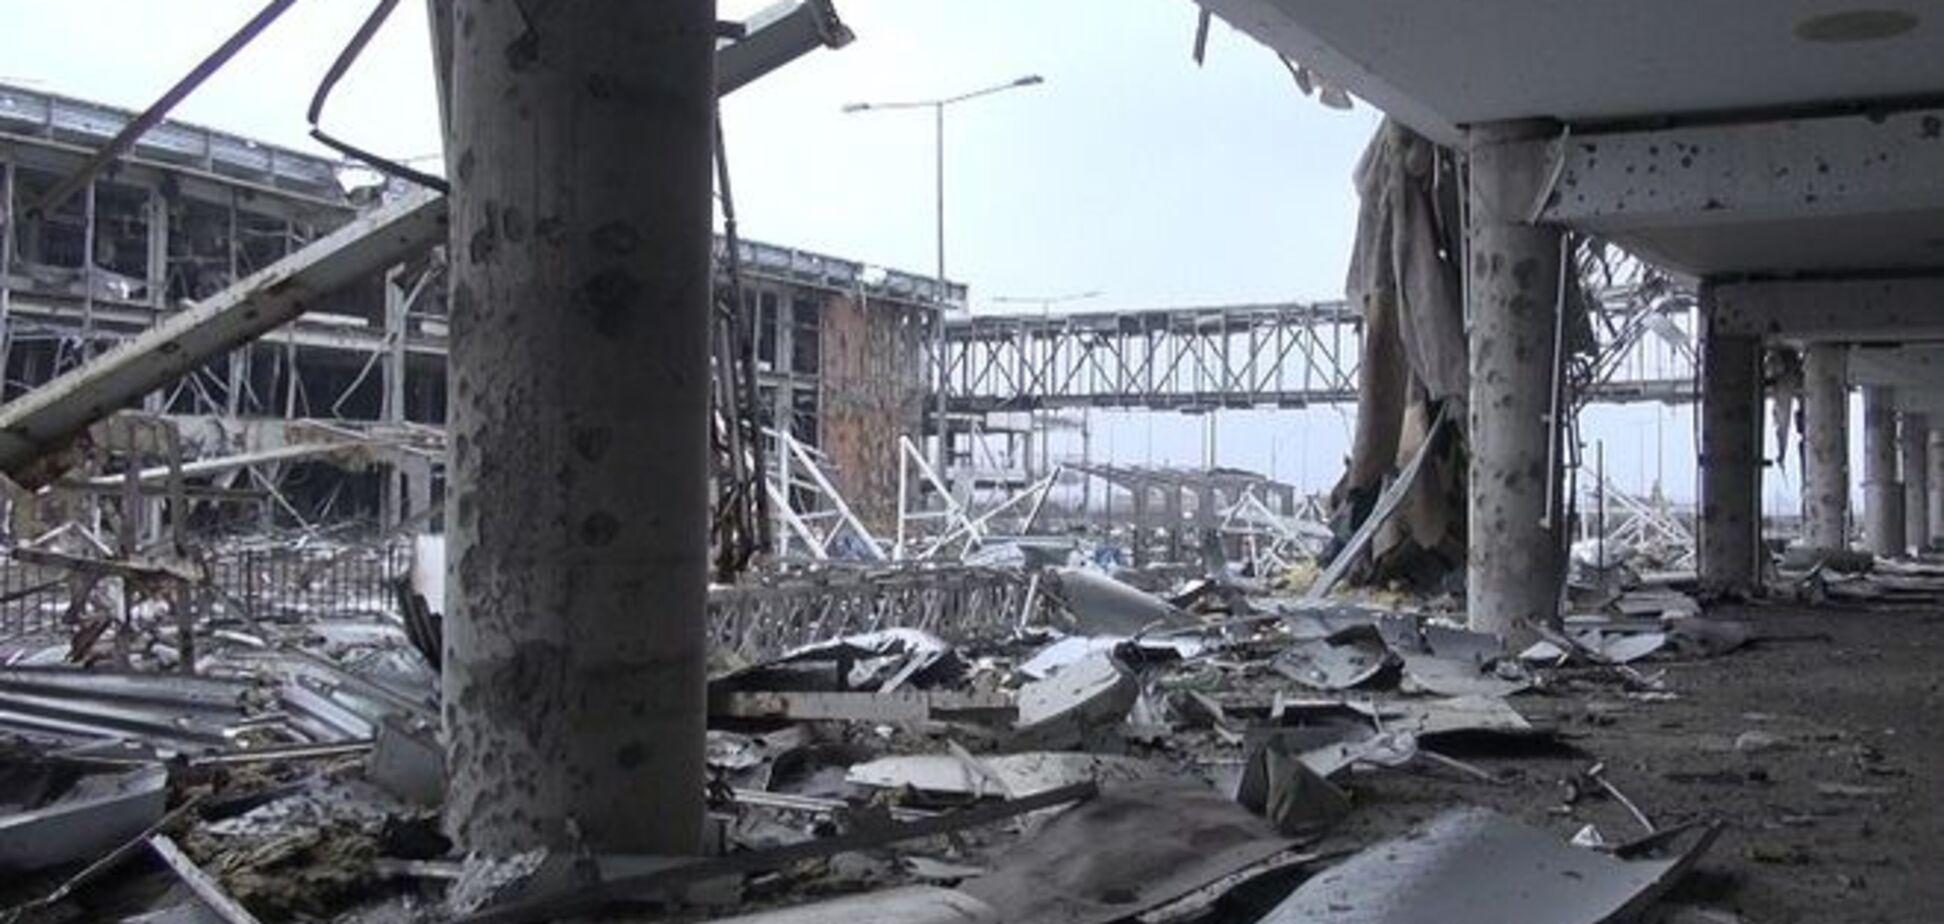 Украина и Россия трижды пытались остановить насилие у донецкого аэропорта - ОБСЕ